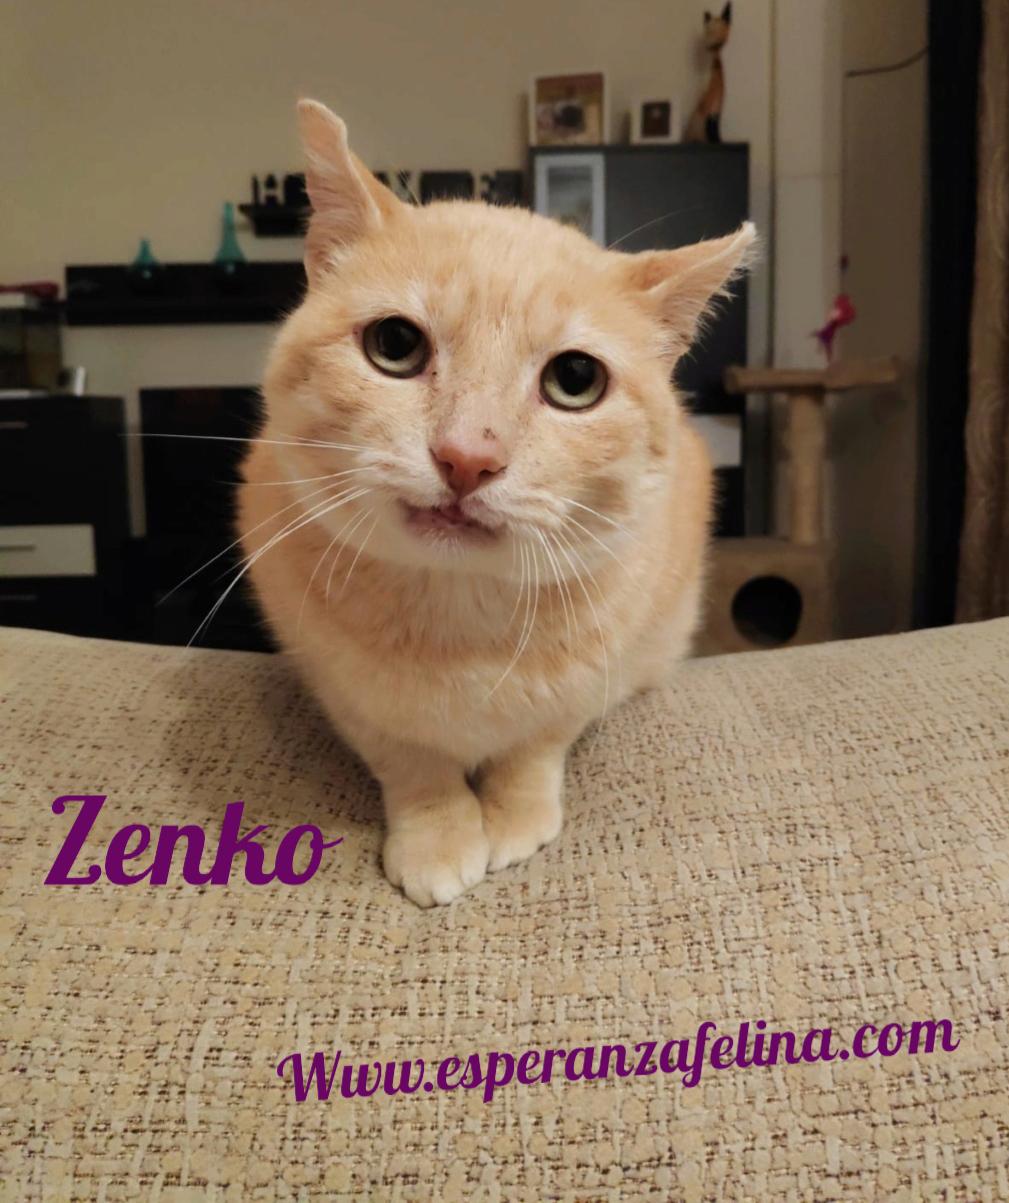 Zenko, precioso rubio en adopción. (F.N aprox: 15/01/2013) (Positivo a inmuno) Álava. Pictur20